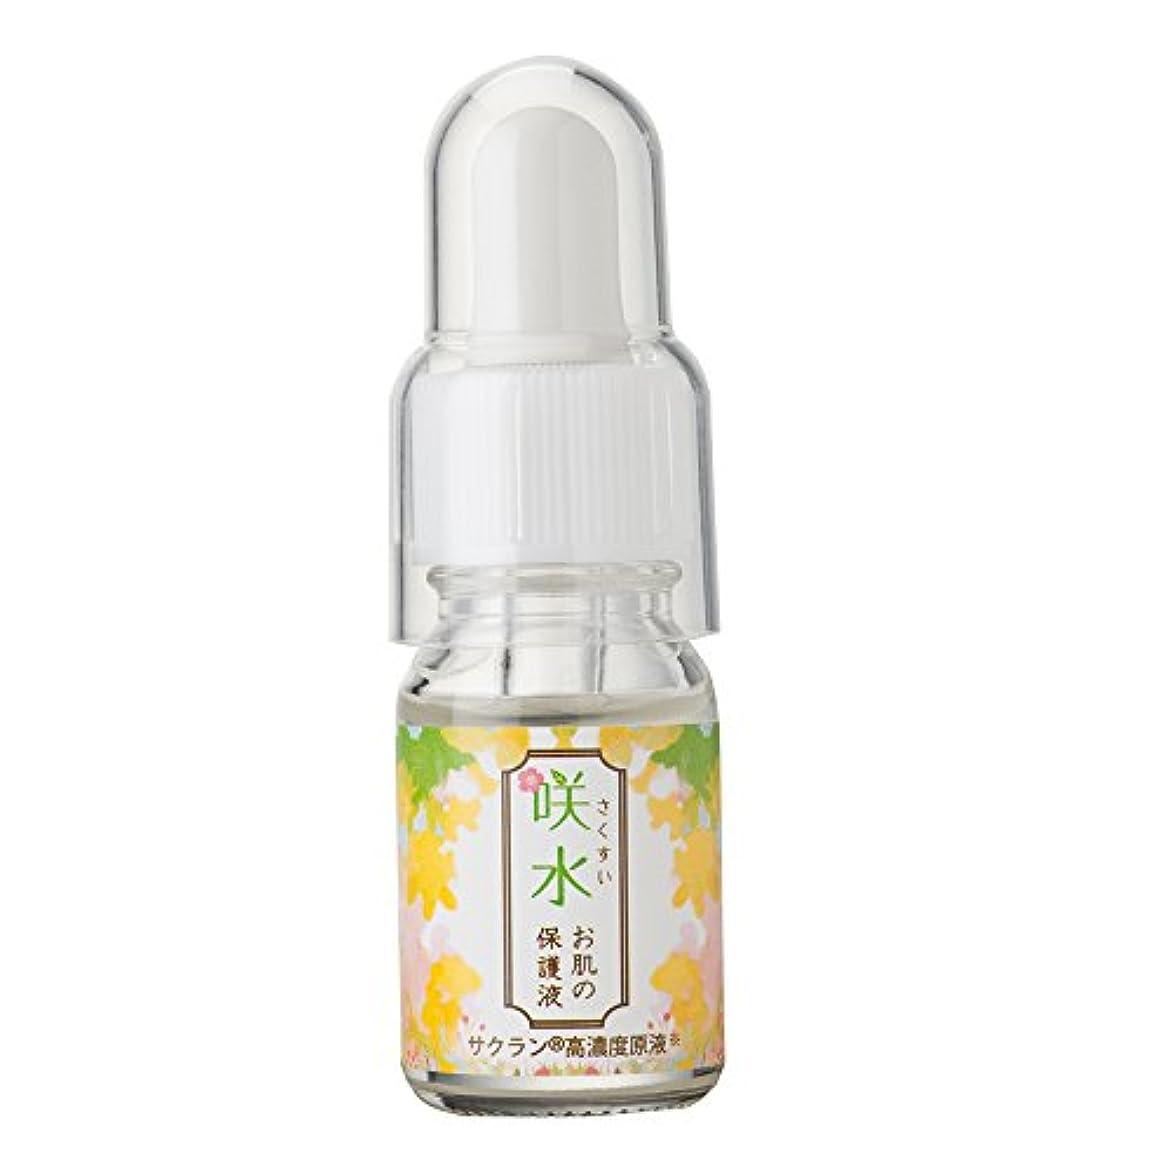 ショット仮定外国人咲水お肌の保護液 10ml  保湿 美容液 顔 スイセンジノリ サクラン リバテープ製薬公式